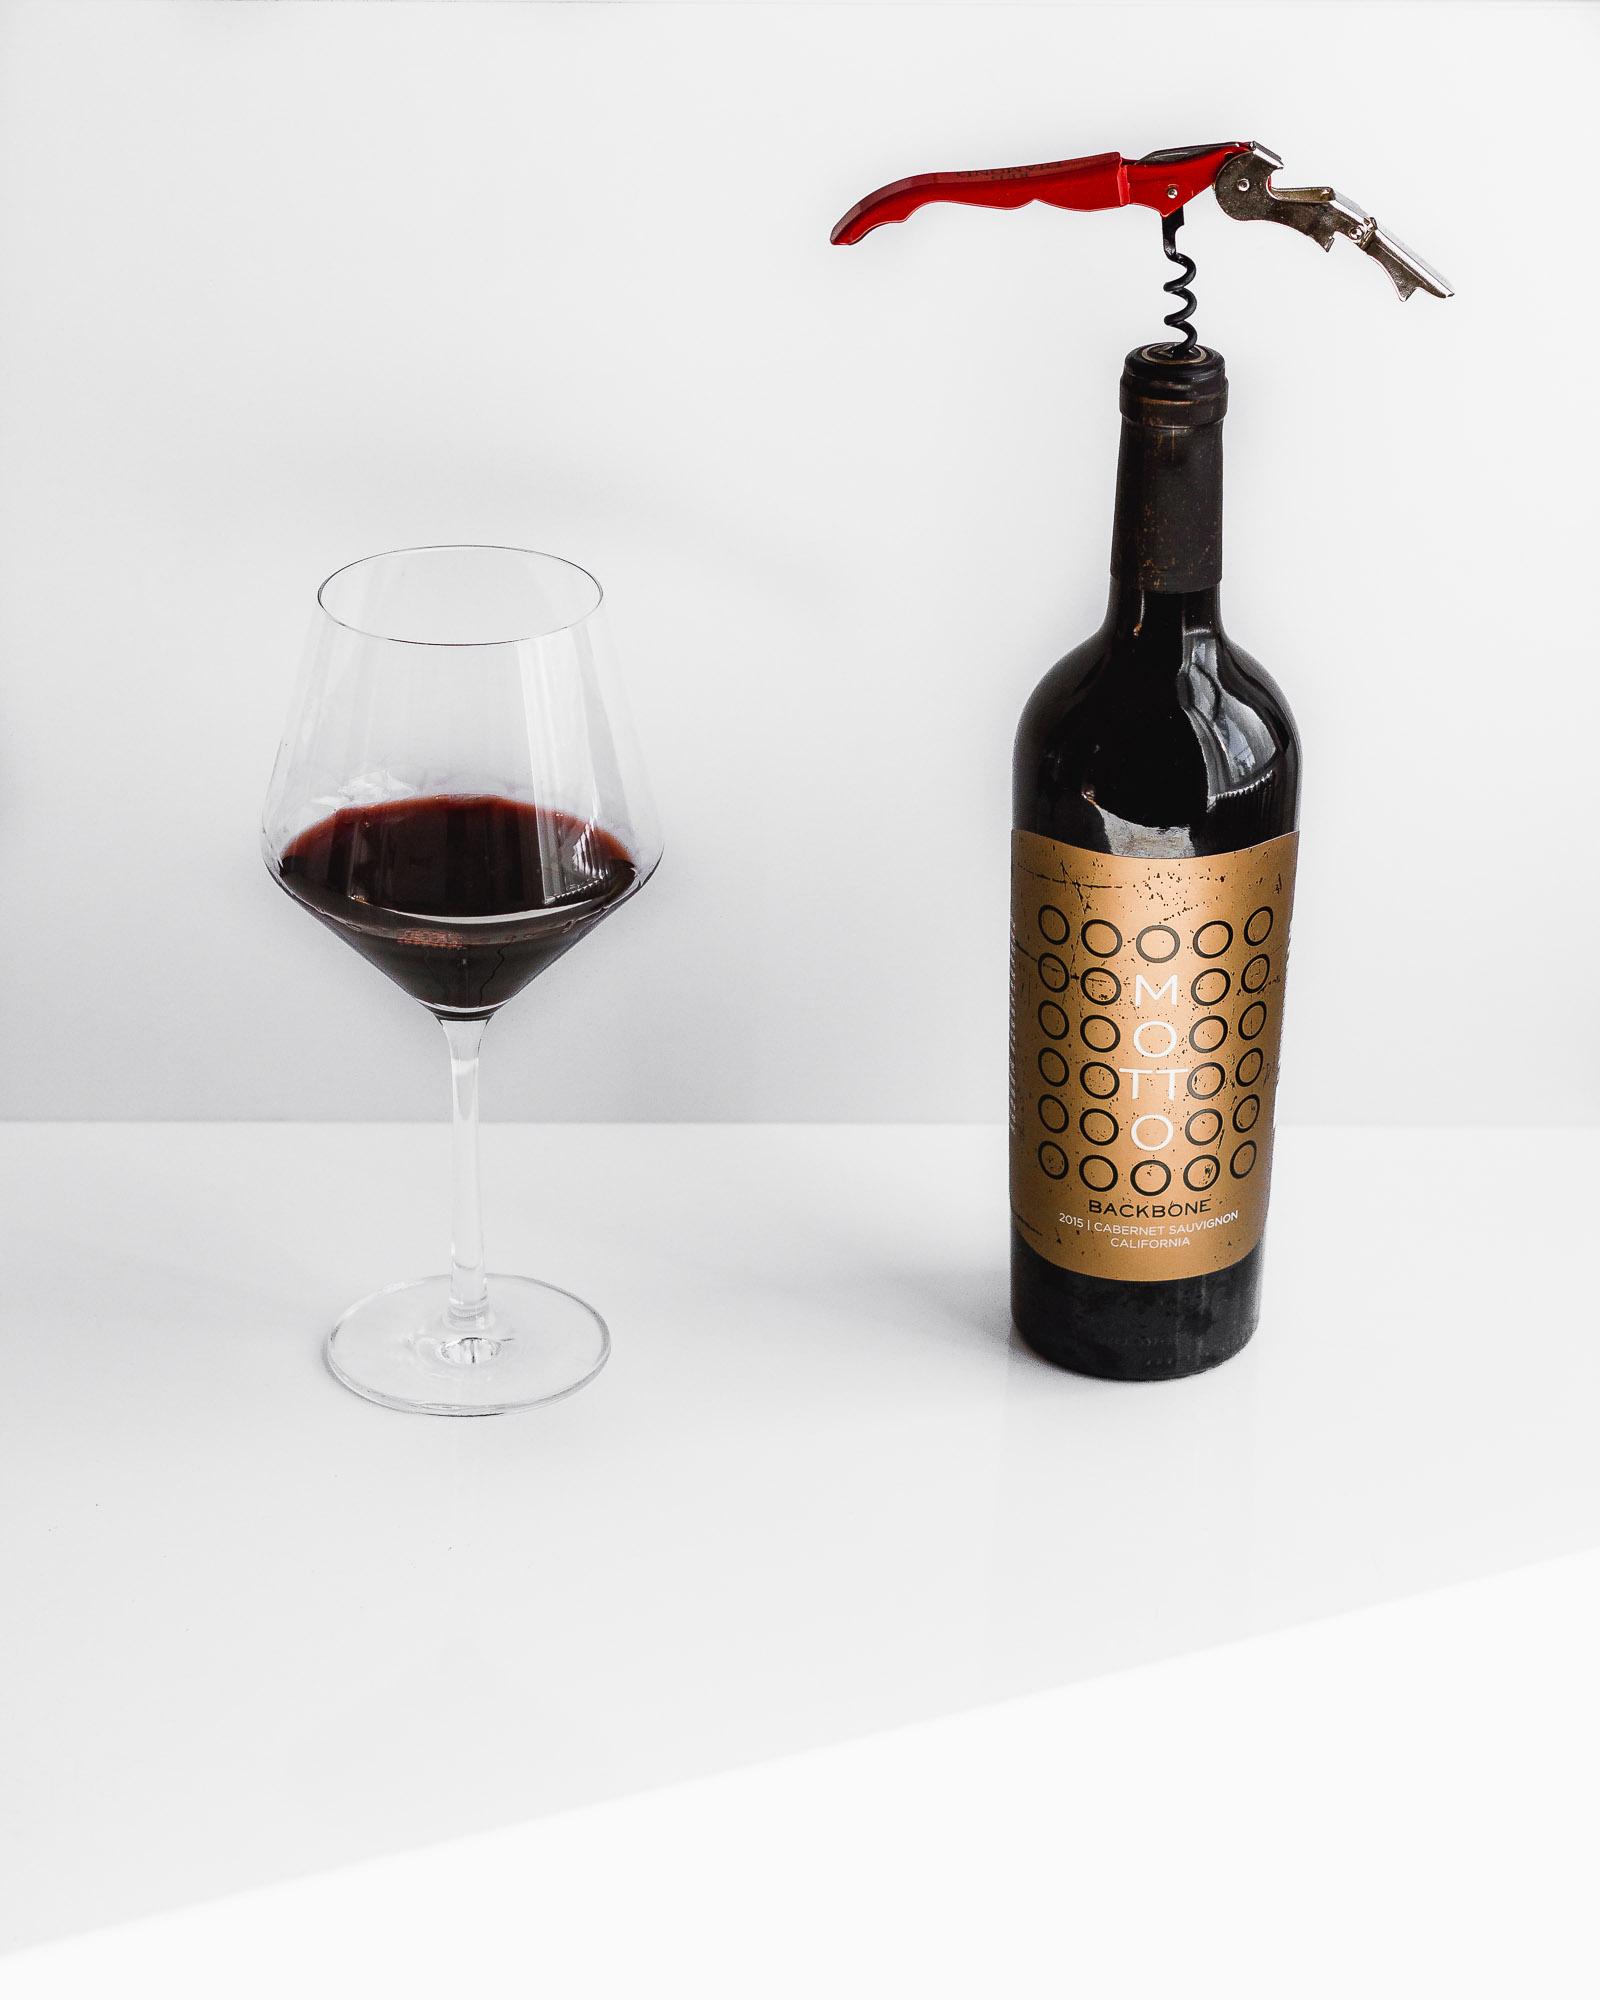 backbone cabernet sauvignon motto wines